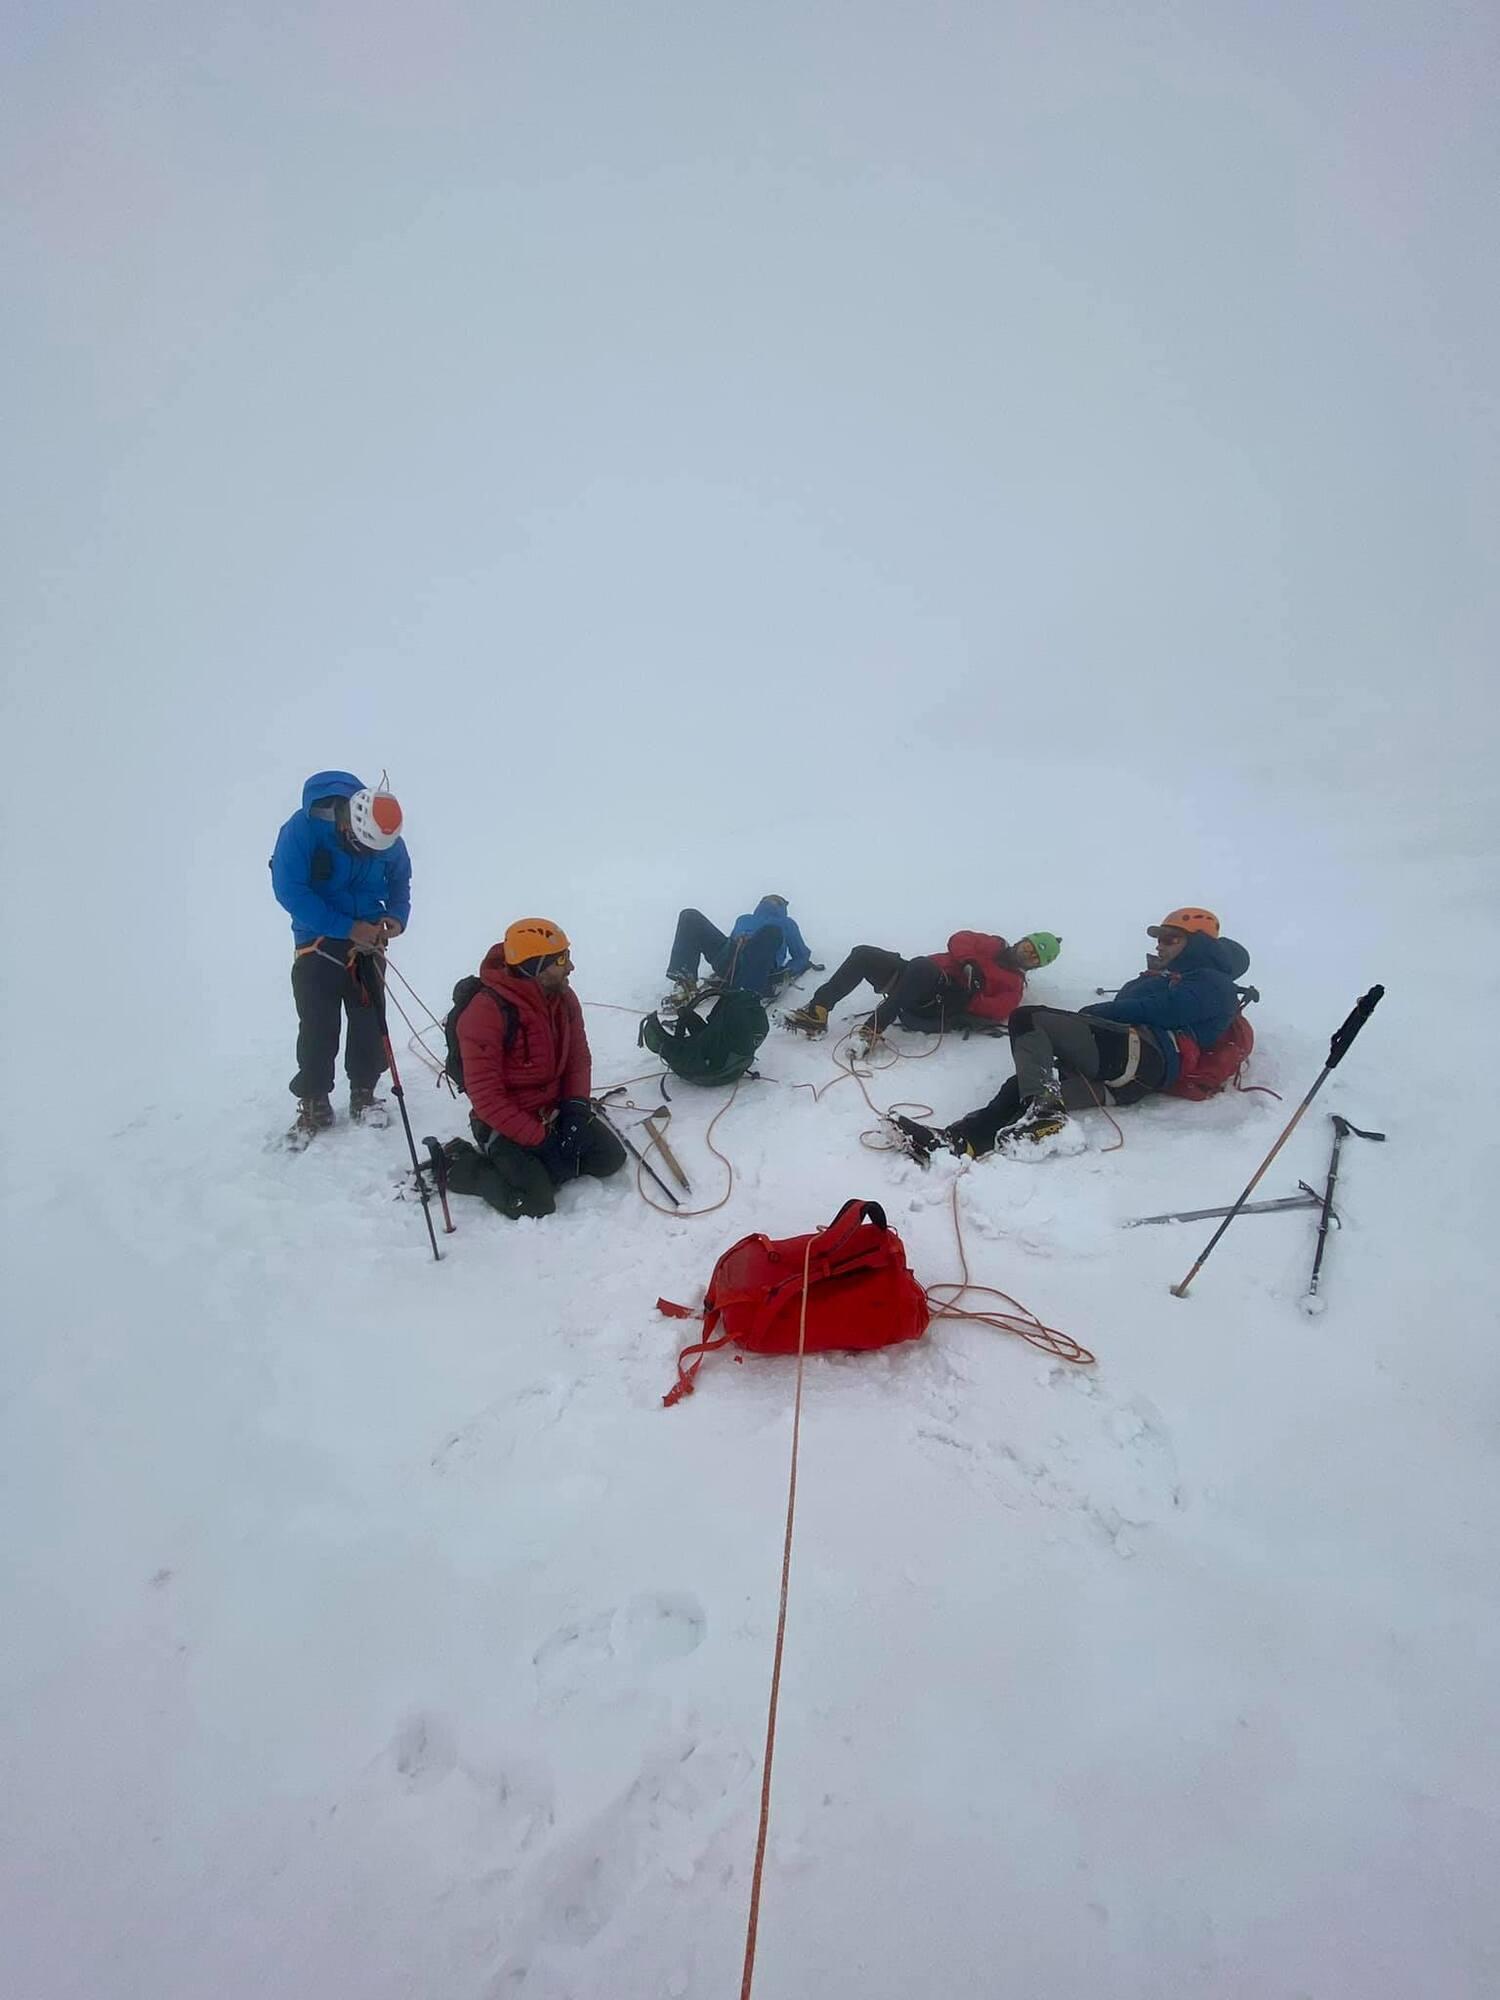 Несмотря на тяжелые погодные условия, участники прошли маршрут успешно.